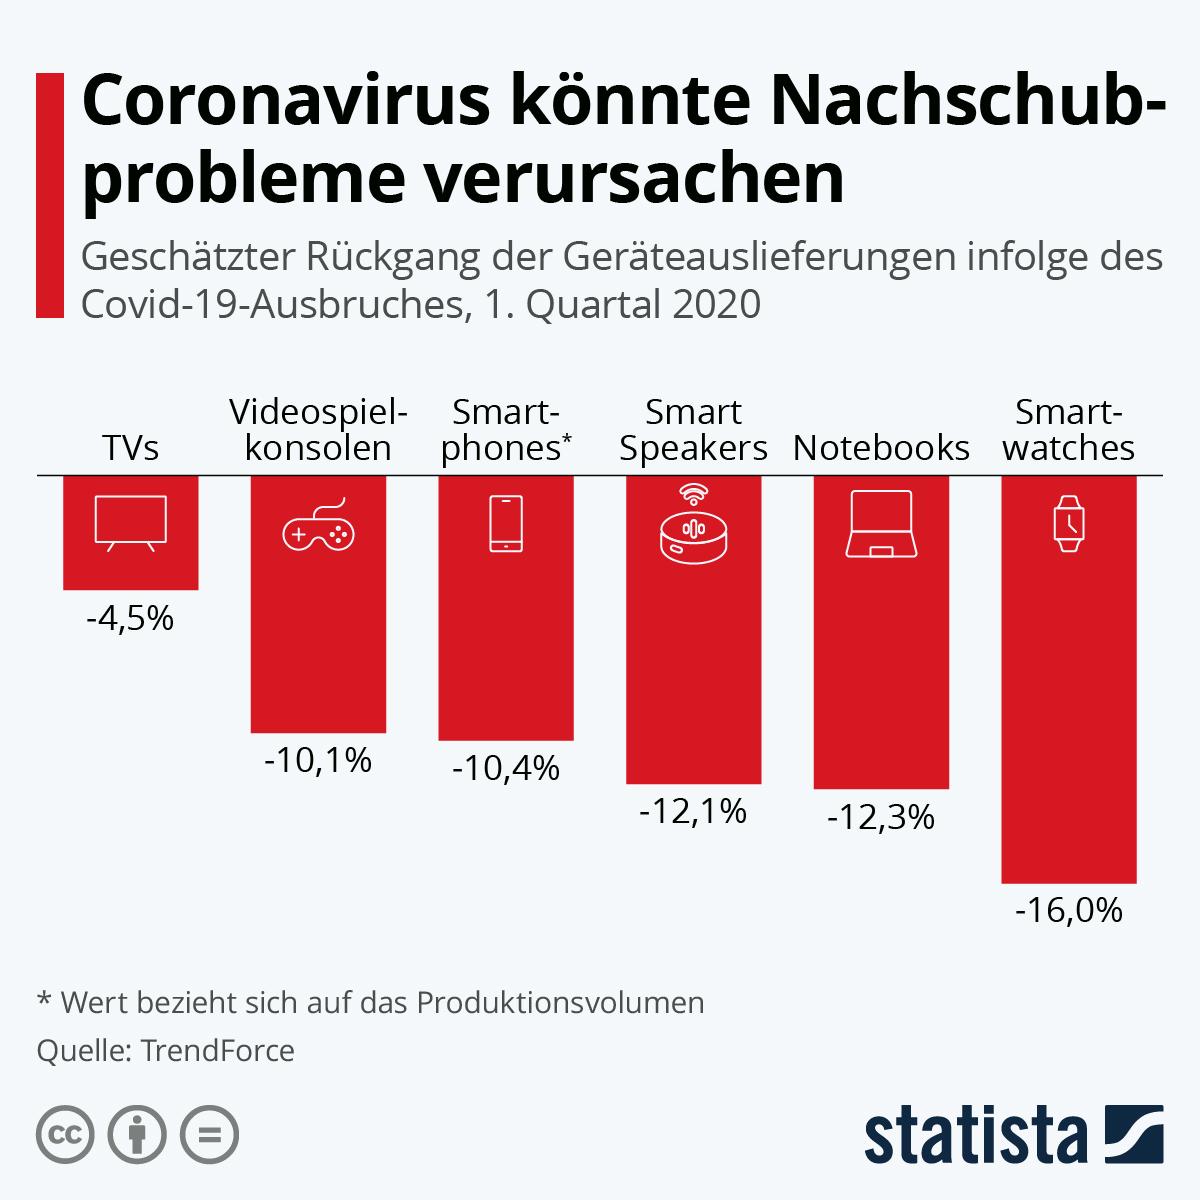 Infografik: Coronavirus könnte Nachschubprobleme verursachen | Statista